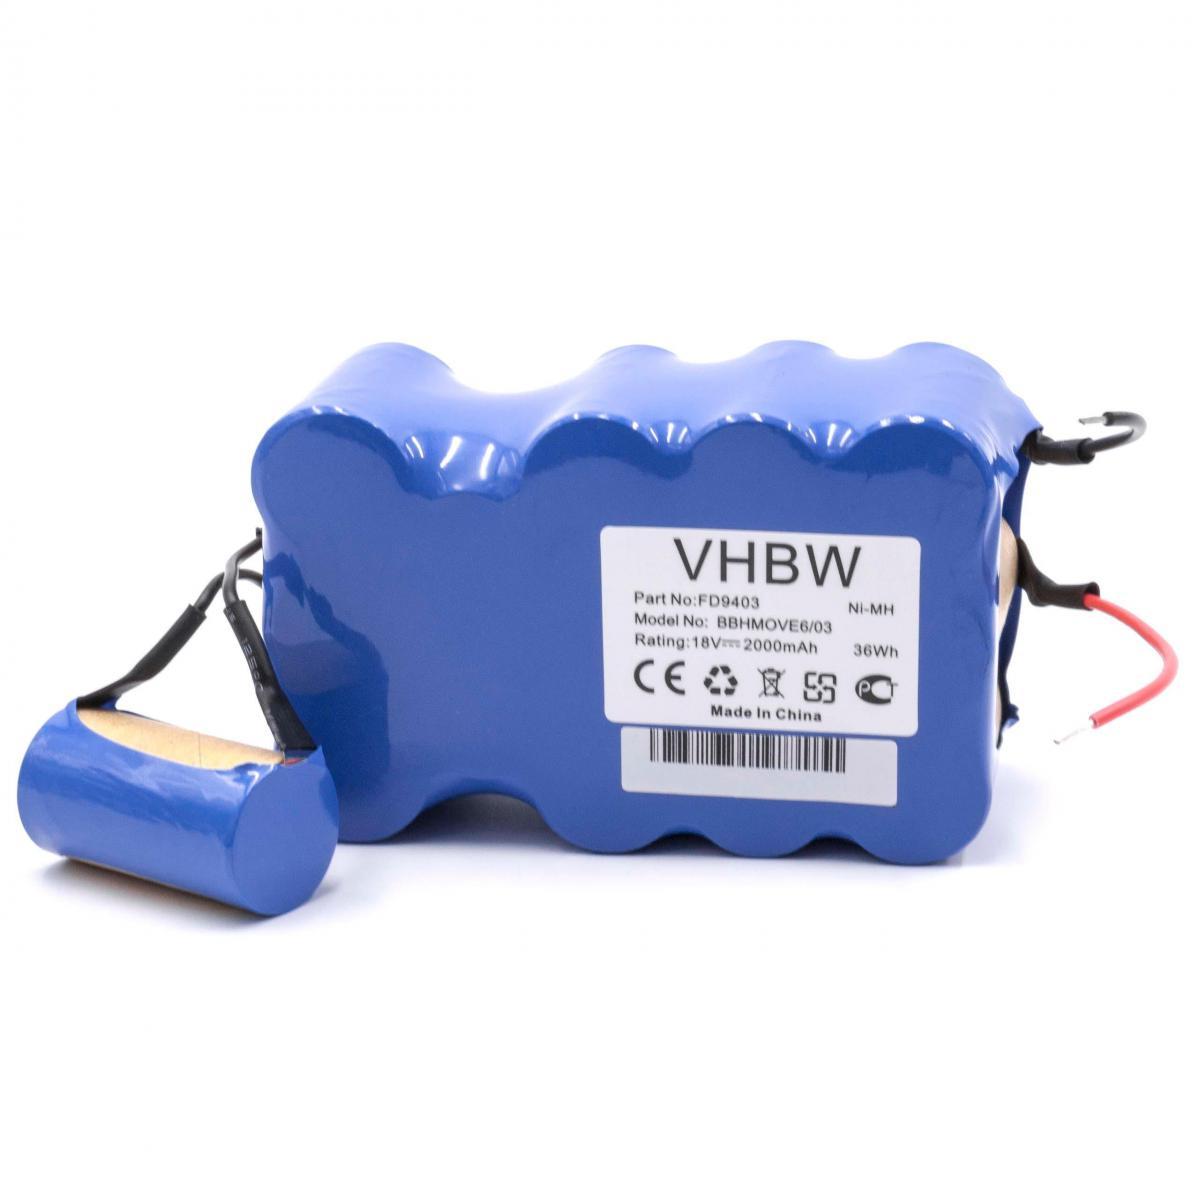 Vhbw vhbw NiMH batterie 2000mAh (18V) pour aspirateur Home Cleaner robots domestiques come Bosch FD9403, 100W + 10W